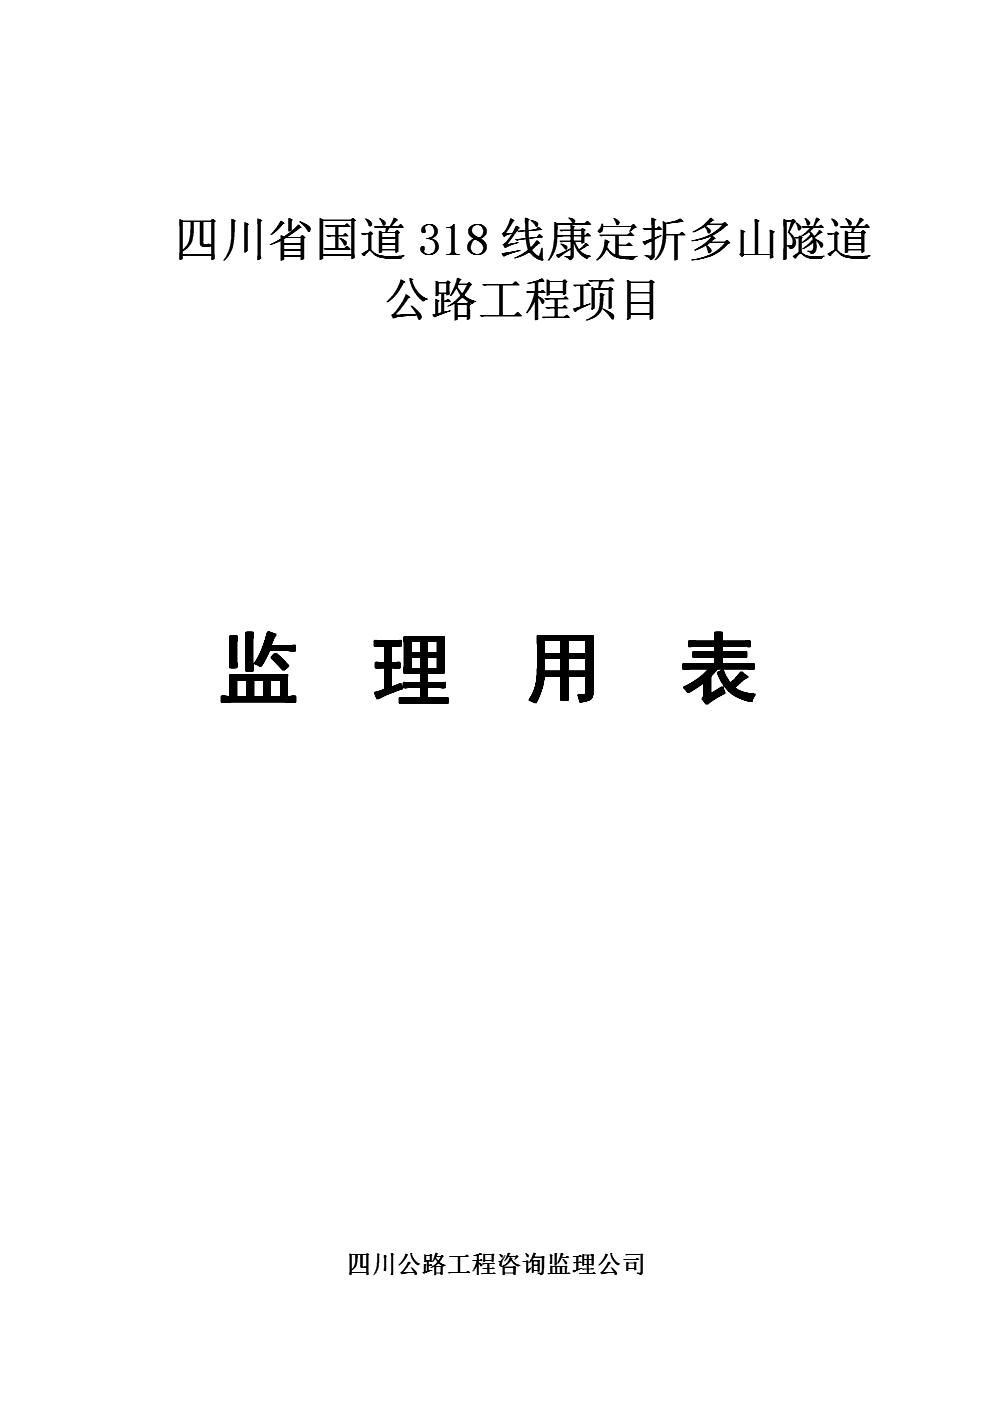 监理用表 (样表).doc